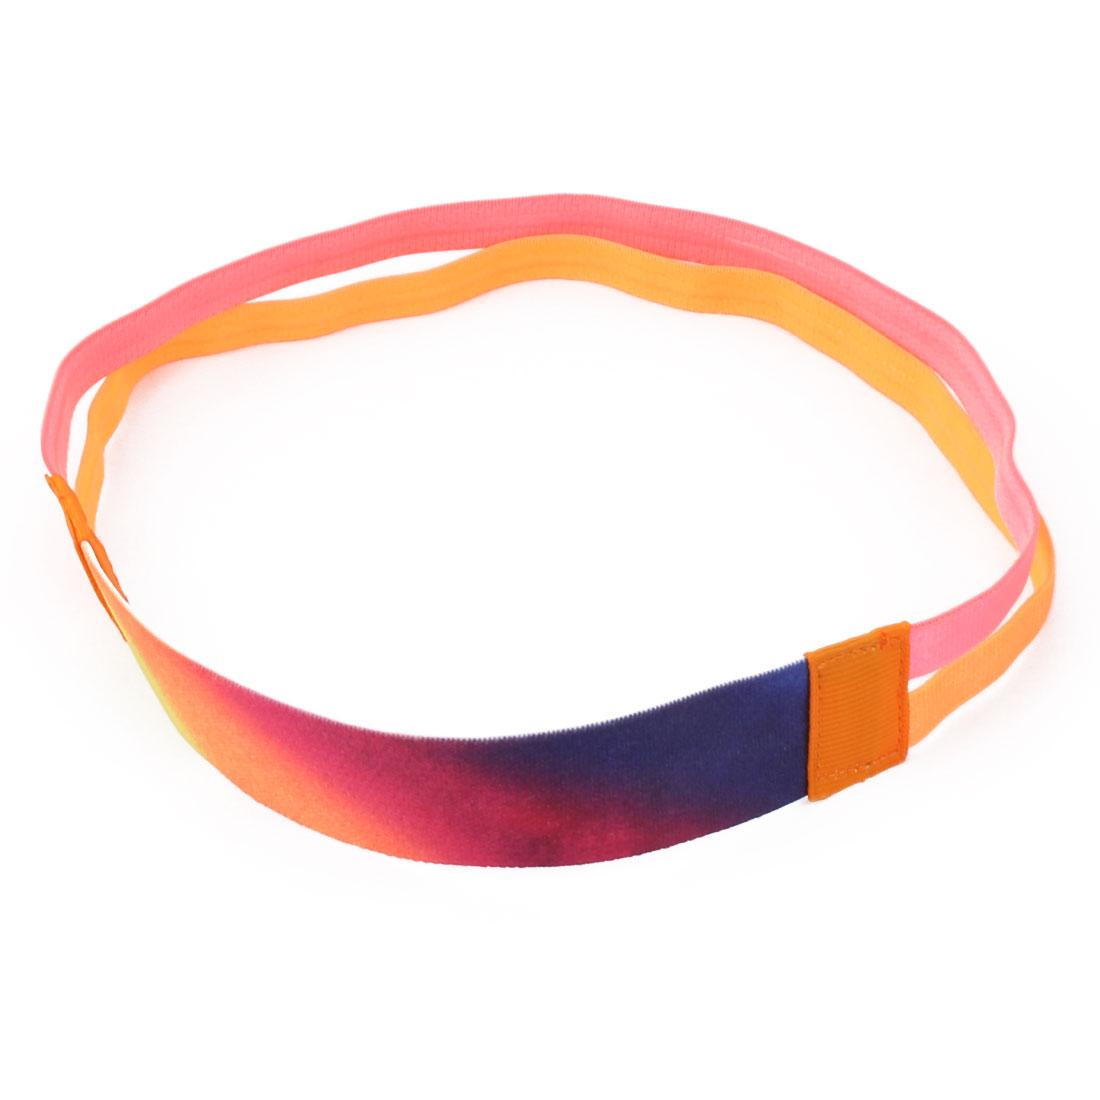 Traning Silicone Double Line Design Non-slip Sports Headband Headwrap Pink Orange